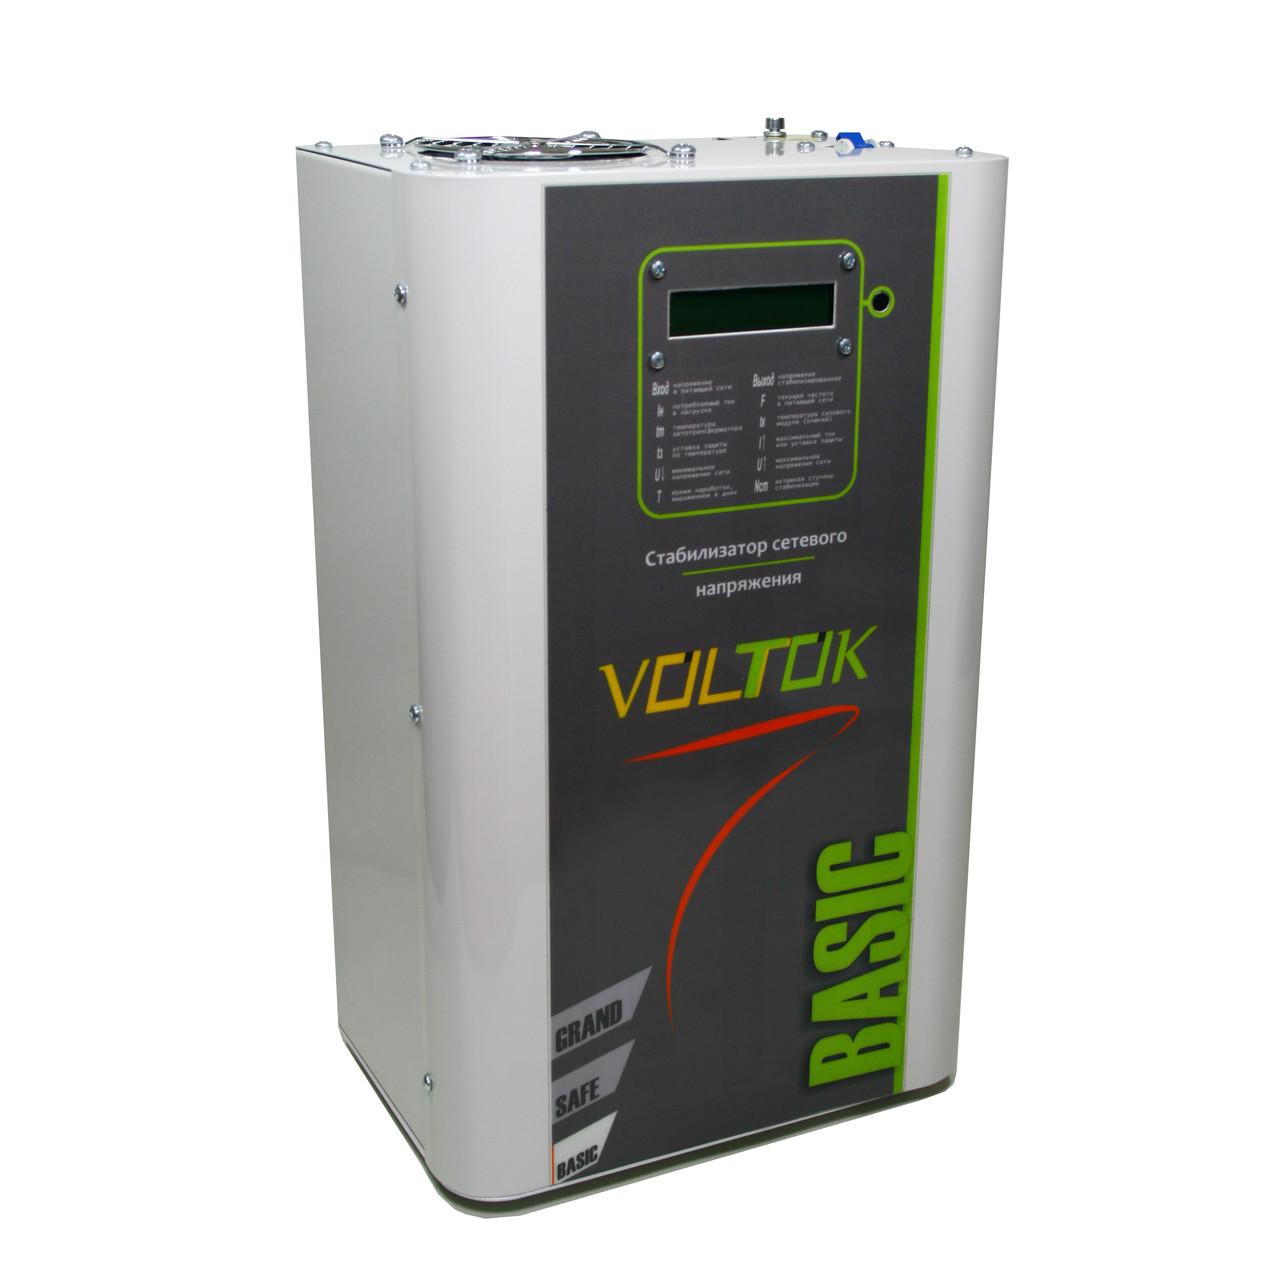 Voltok Basic plus SRKw9-15000